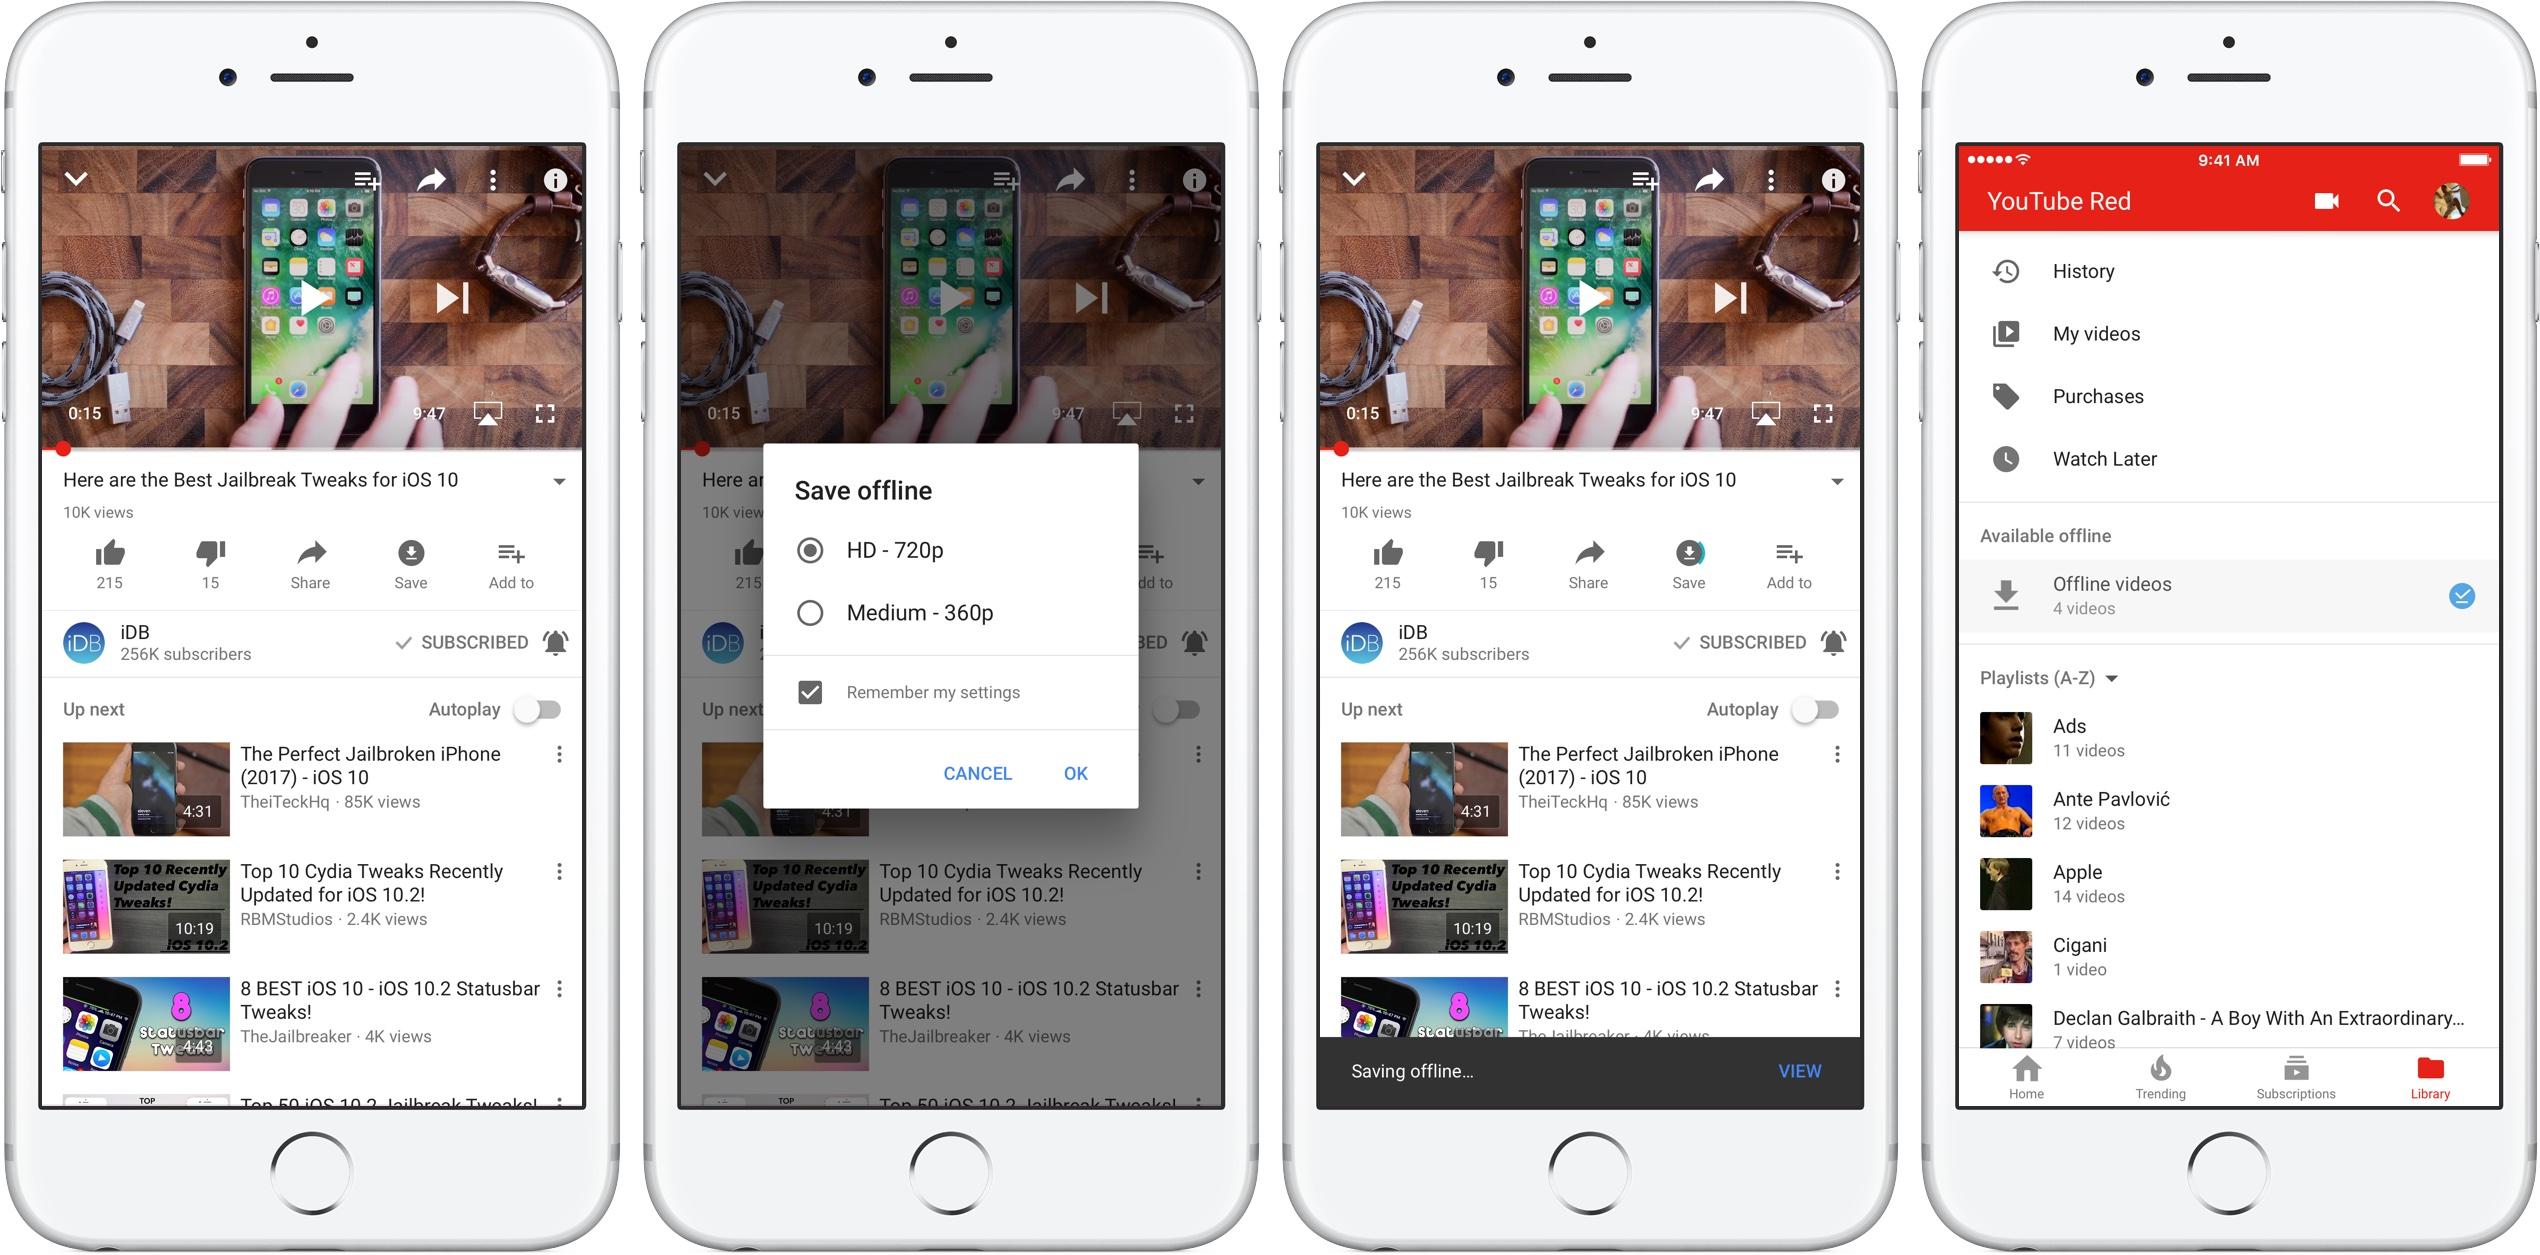 Как загрузить видео с YouTube на iPhone или iPad. Простой способ